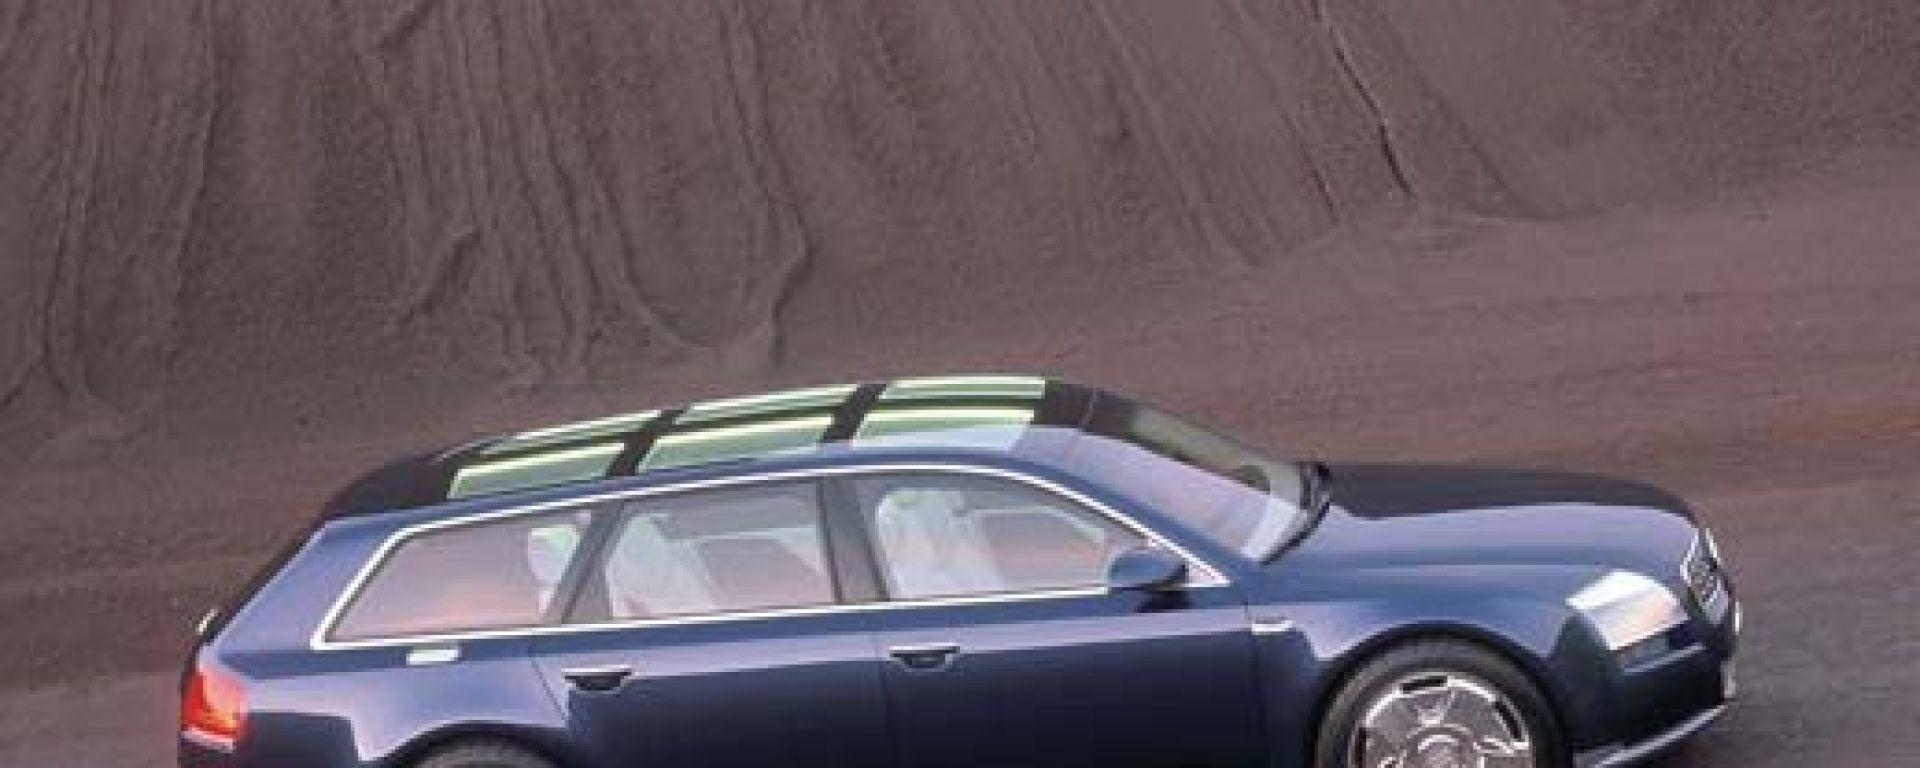 Vota la Concept car of the year